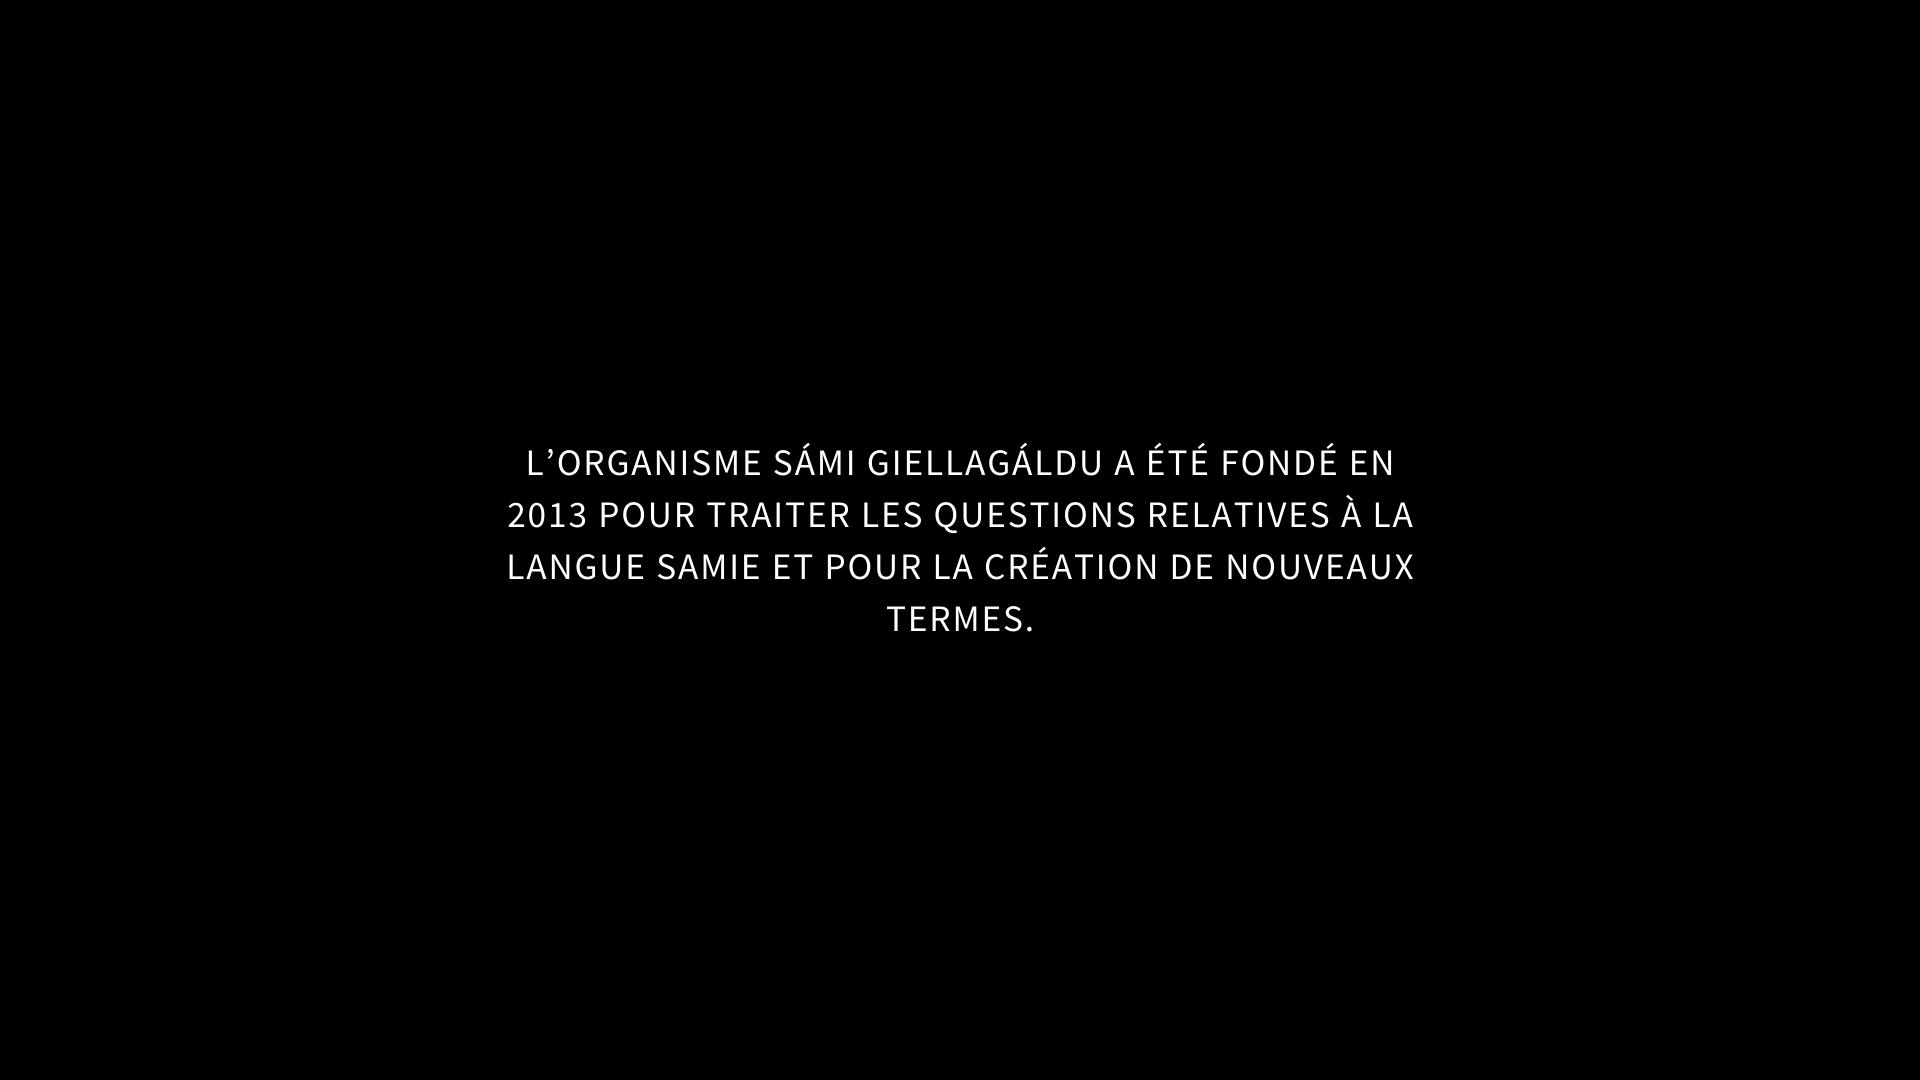 L'ORGANISME SÁMI GIELLAGÁLDU A ÉTÉ FONDÉ EN 2013 POUR TRAITER LES QUESTIONS RELATIVES À LA LANGUE SAMIE ET POUR LA CRÉATION DE NOUVEAUX TERMES.